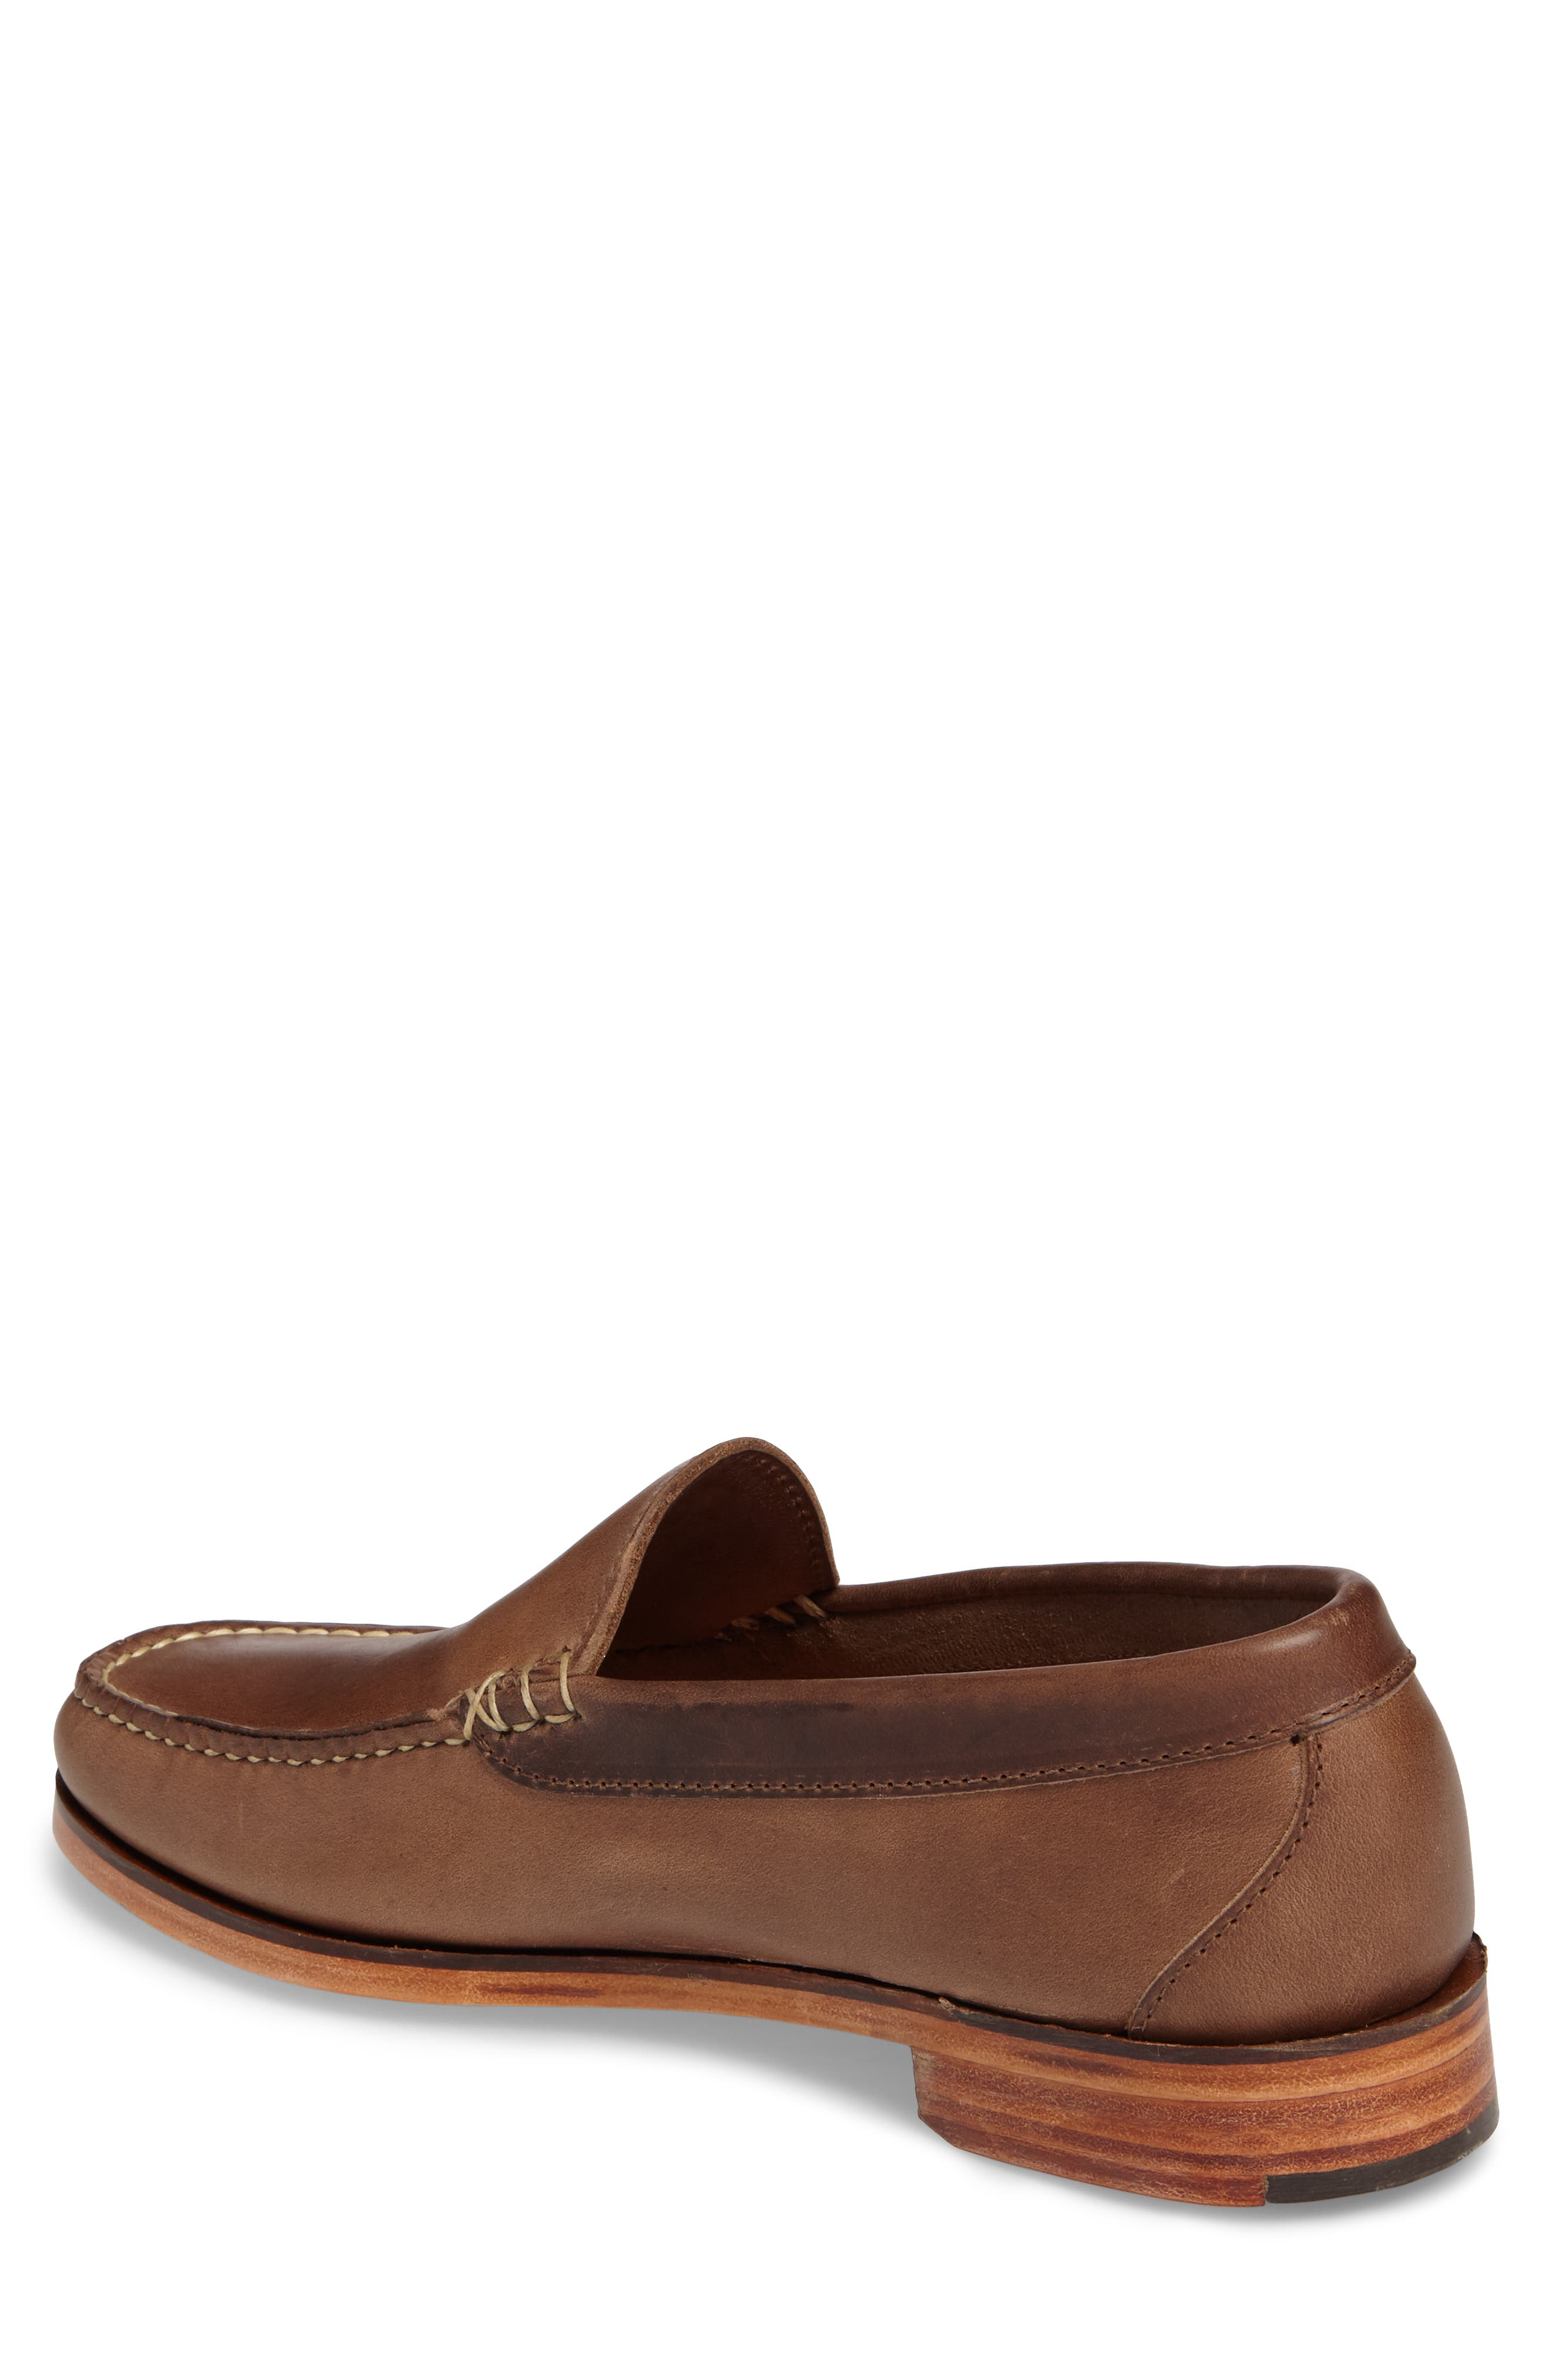 Alternate Image 2  - Oak Street Bootmakers Natural Loafer (Men)